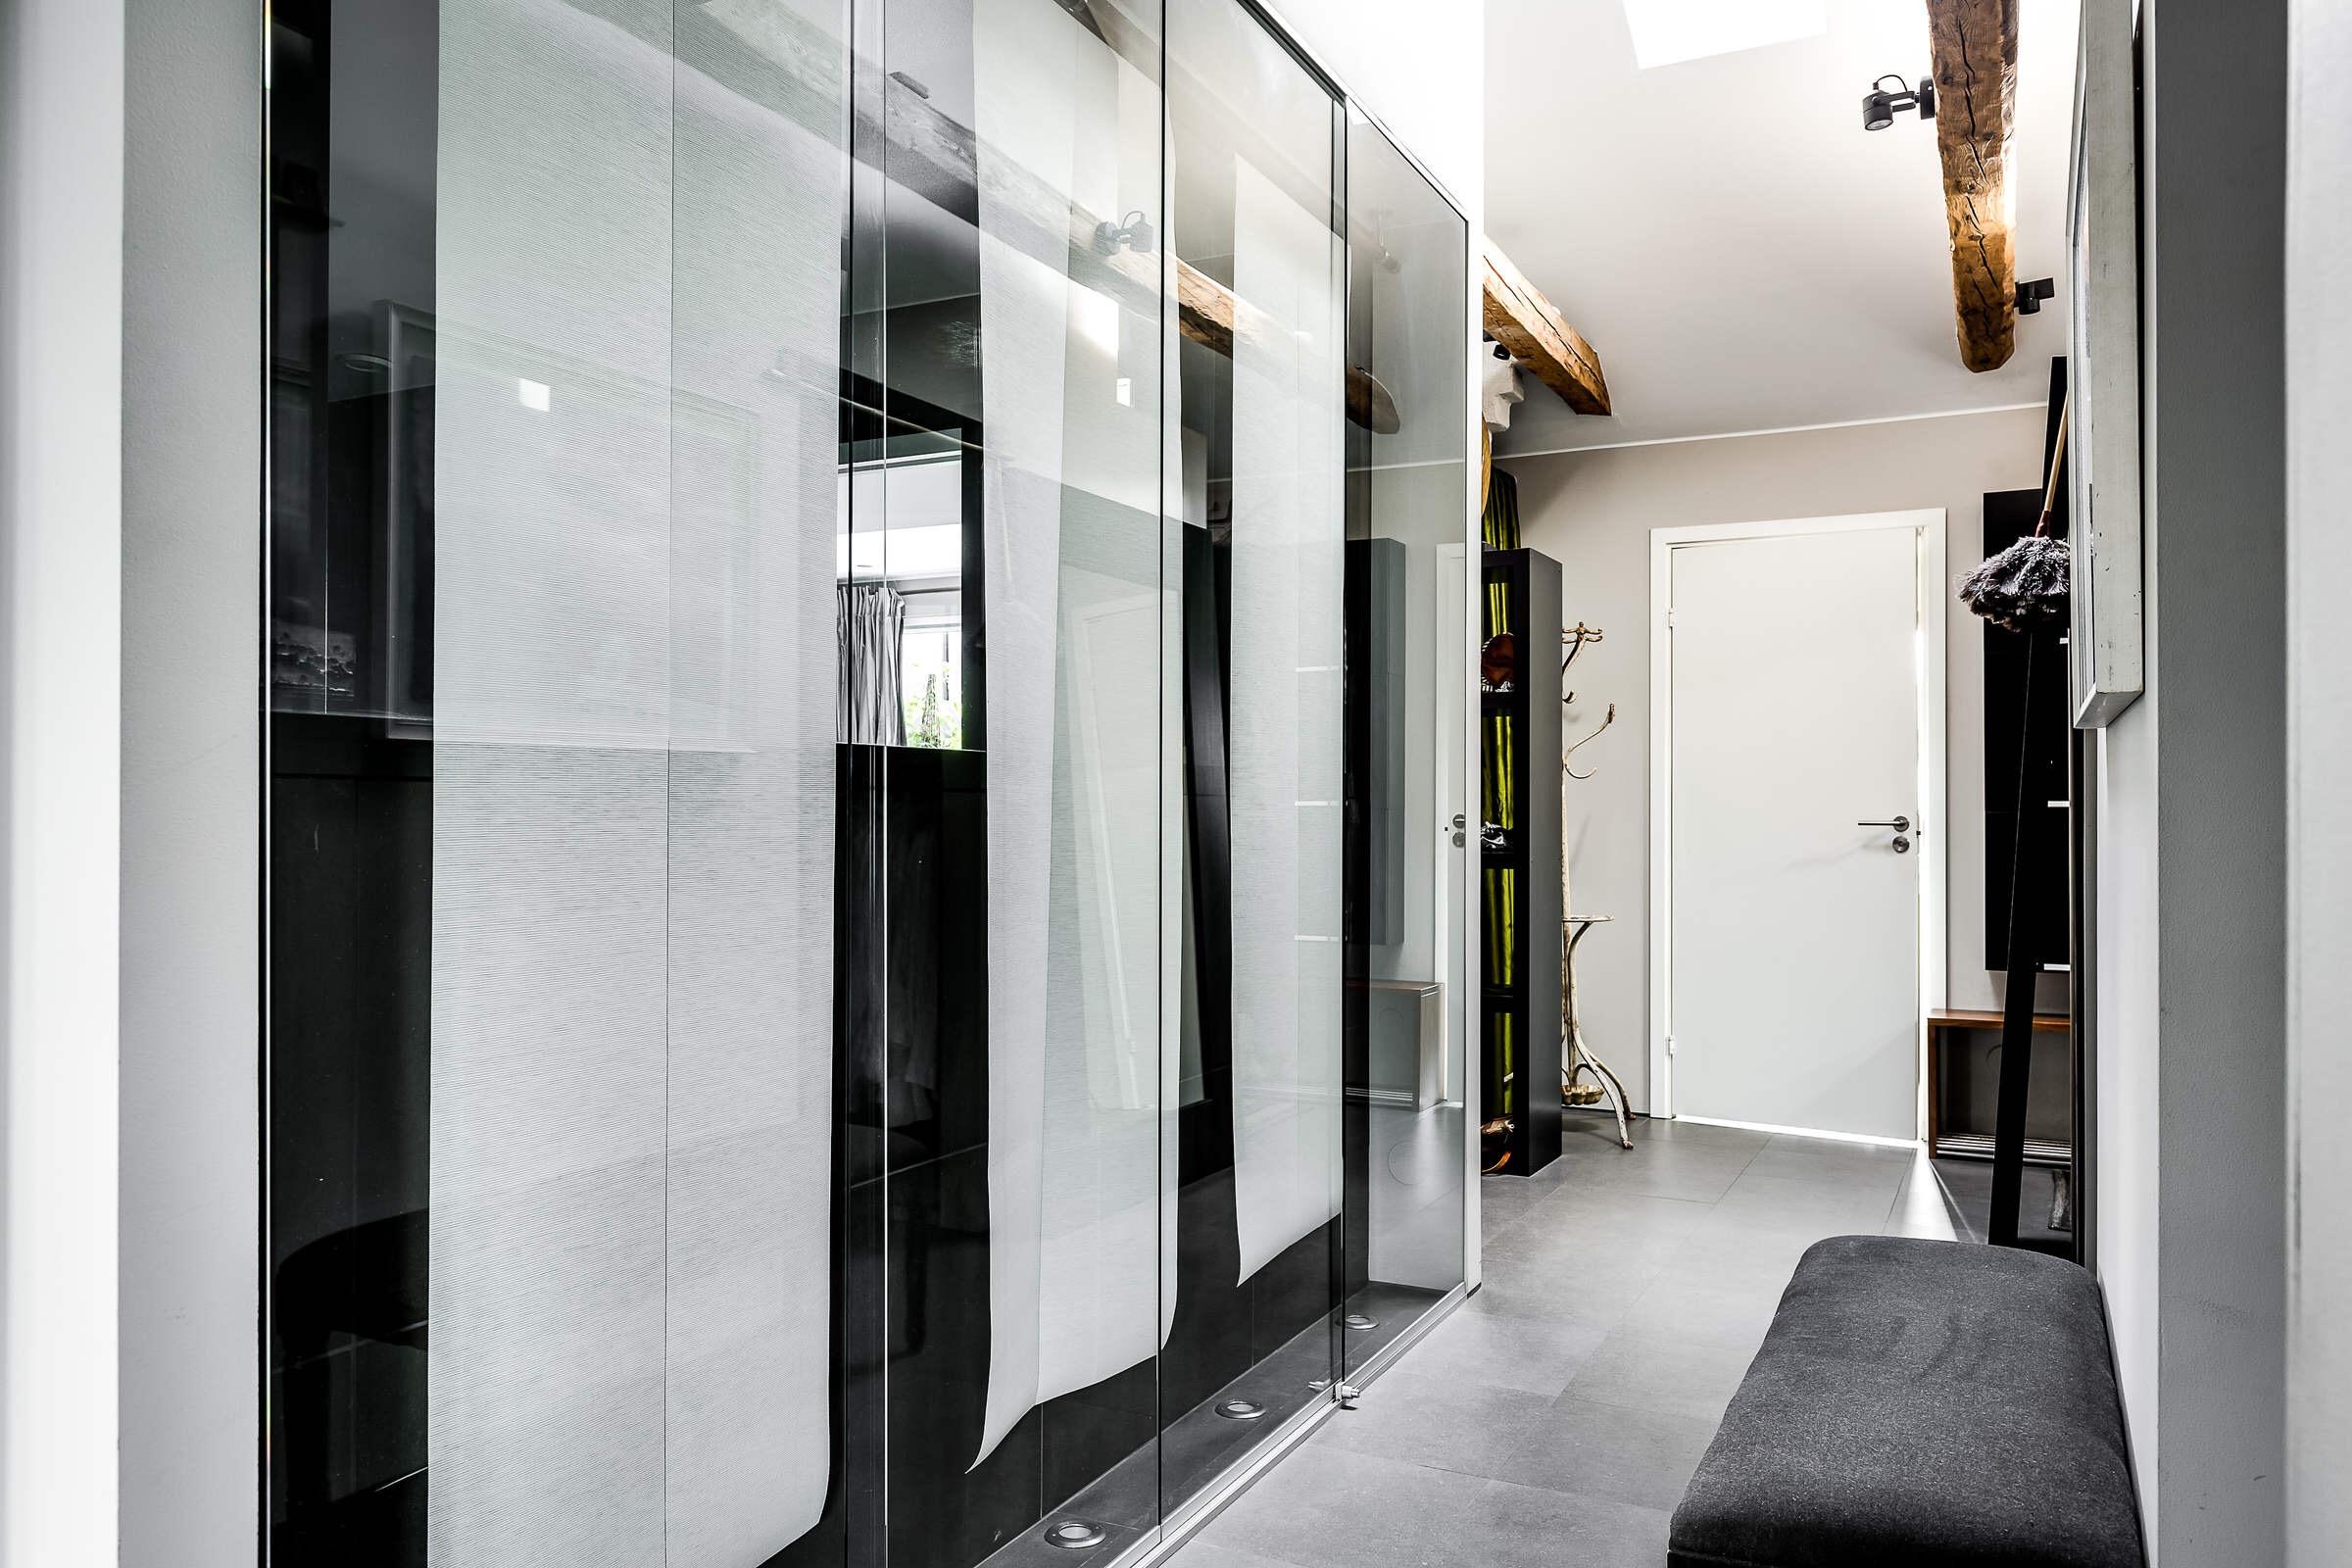 коридор стеклянная перегородка стена входная дверь